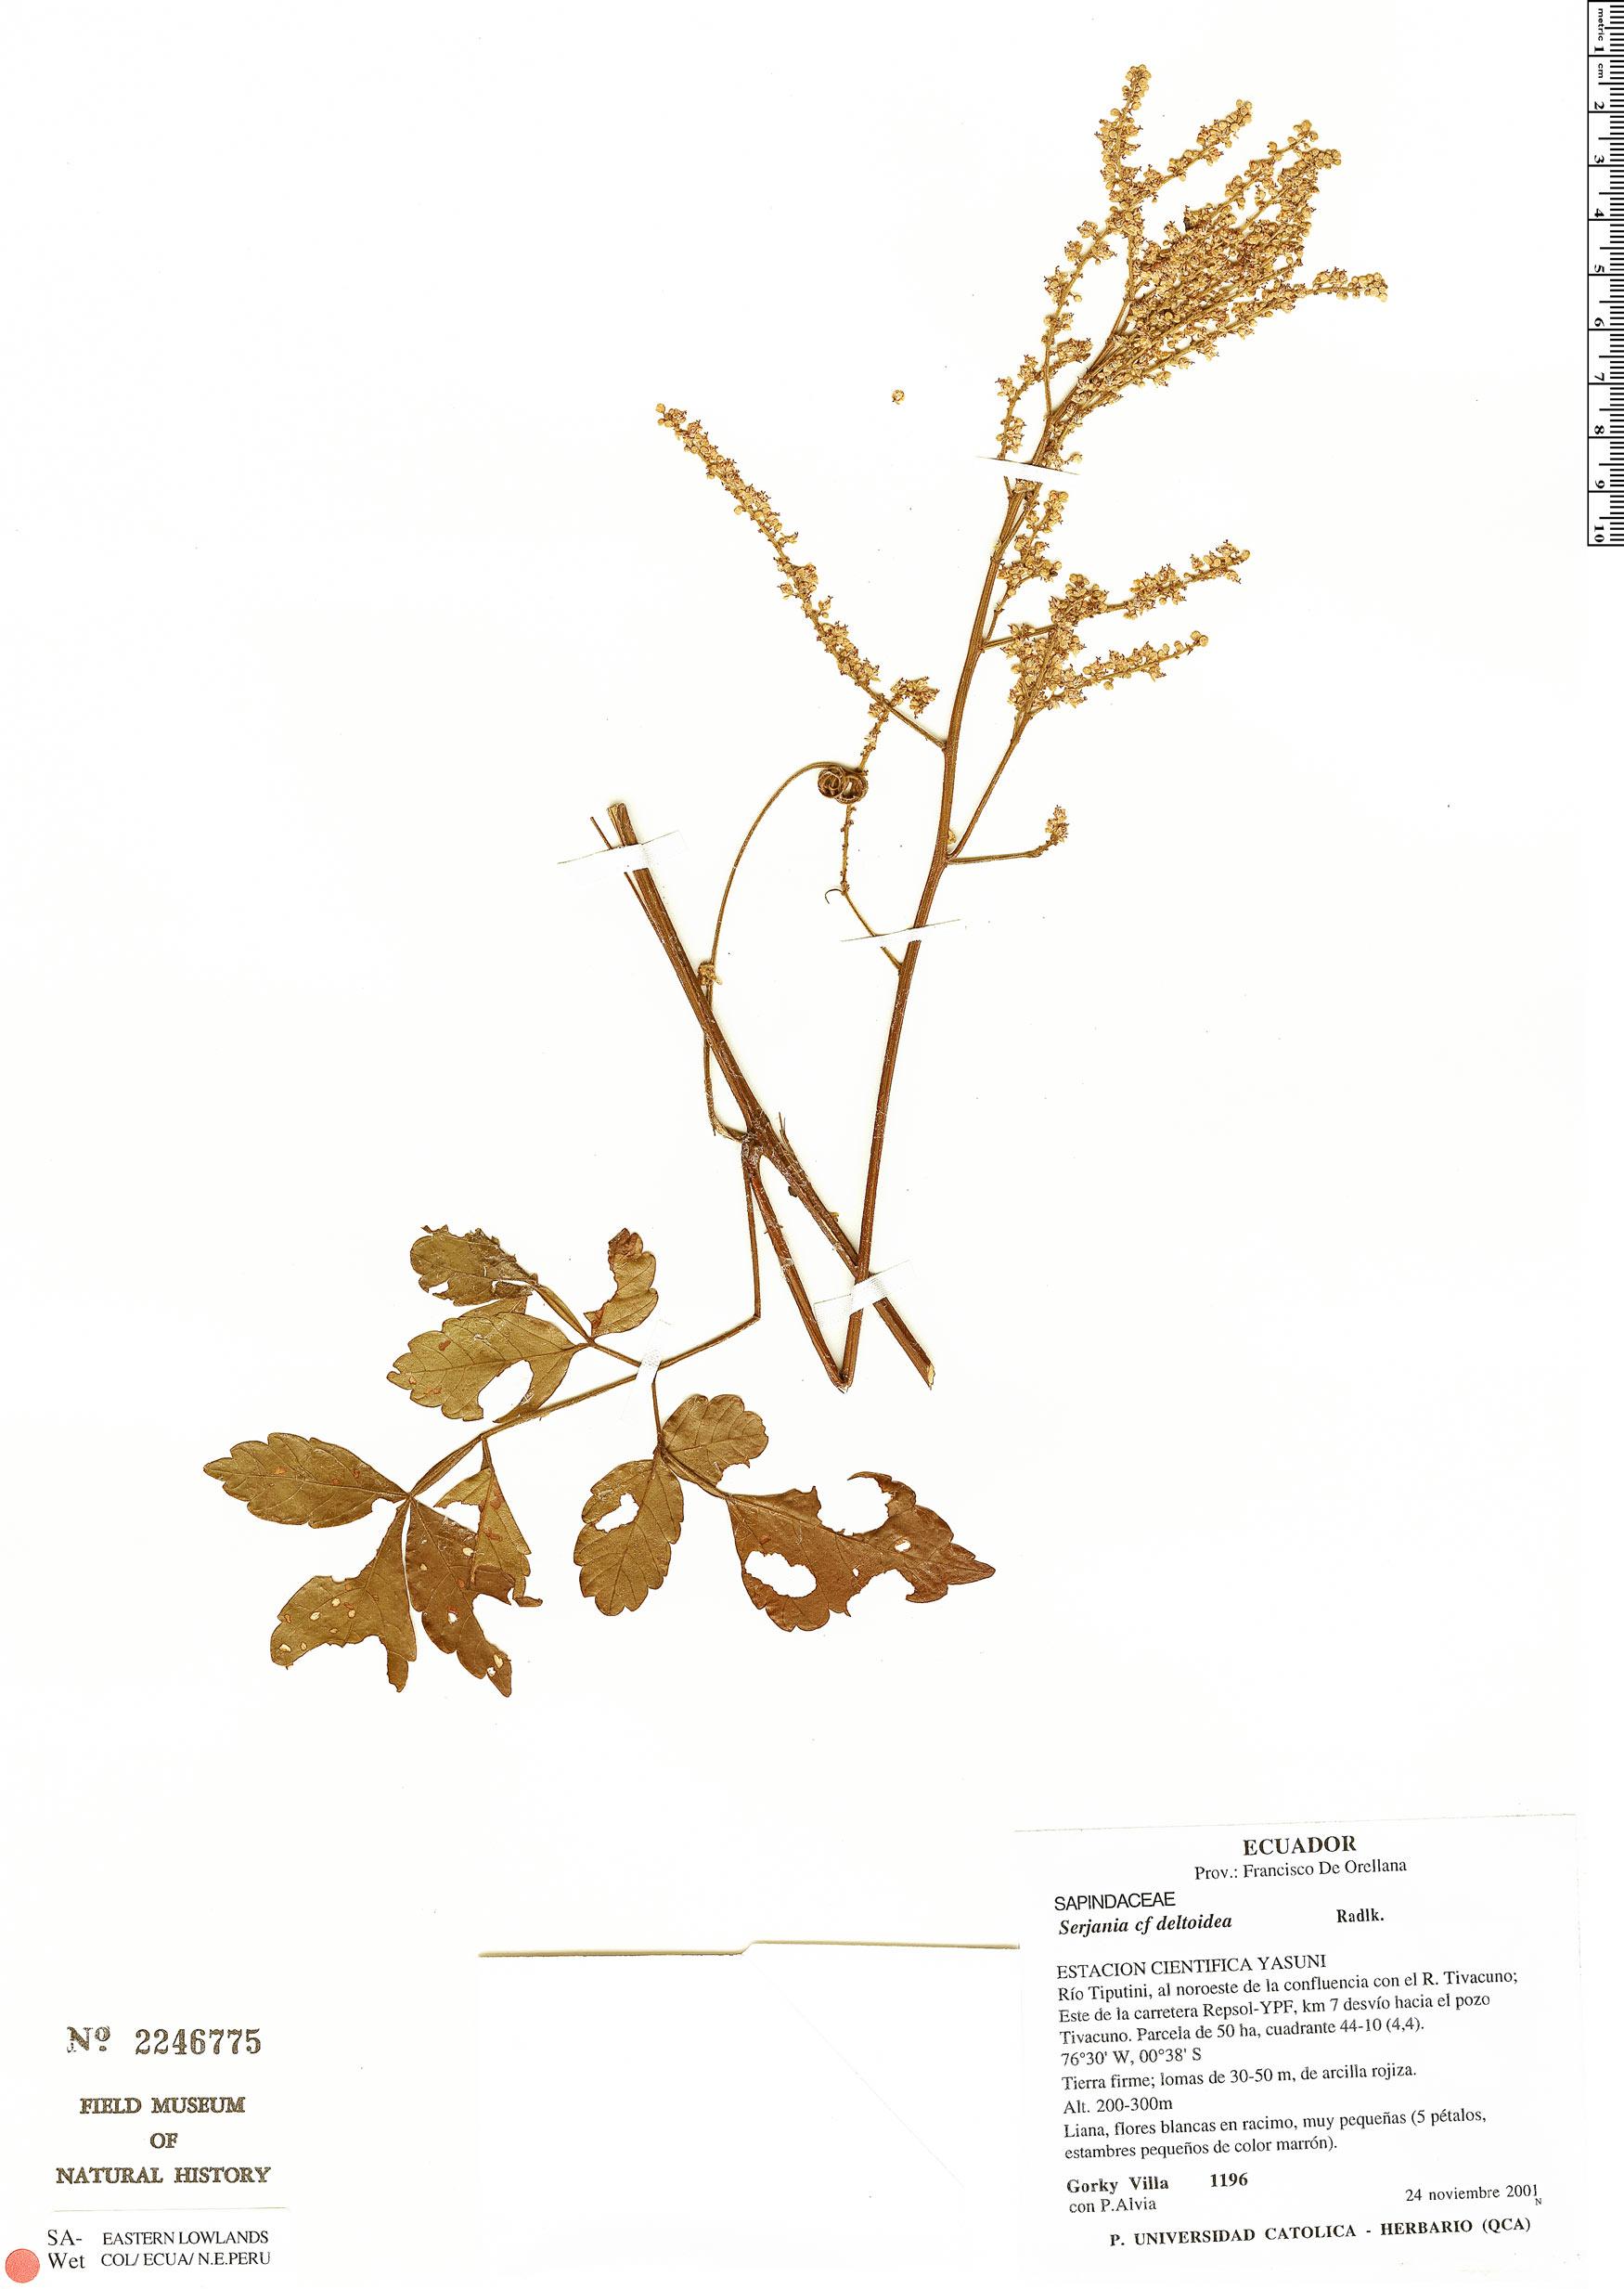 Specimen: Serjania deltoidea